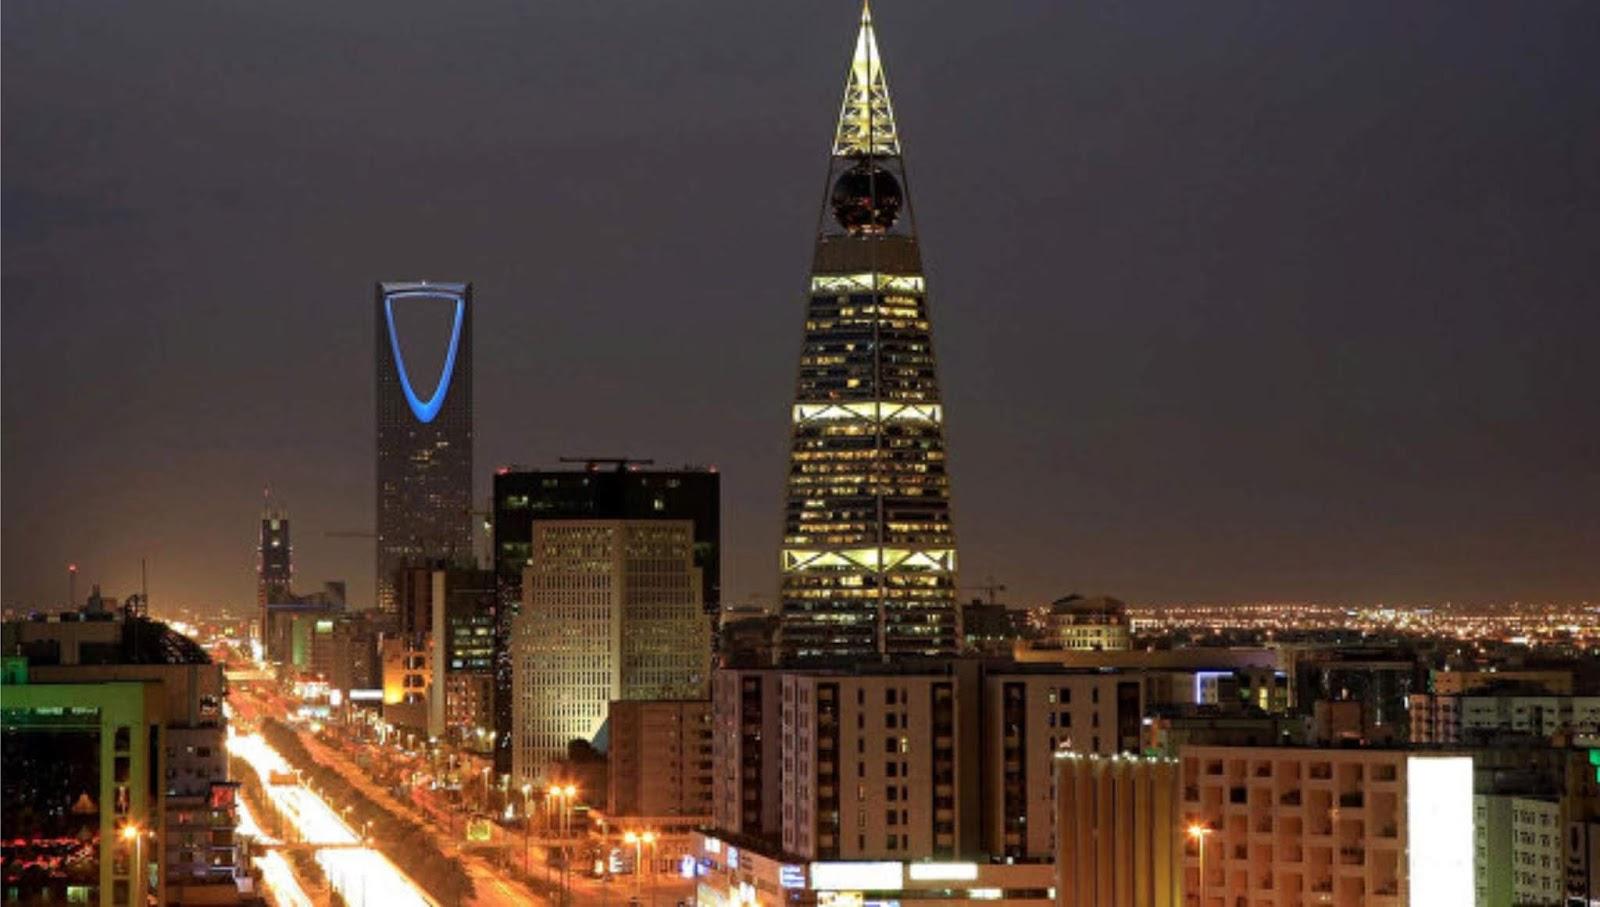 raja Arab Saudi tidak bisa bertahan dua minggu tanpa bantuan Amerika Serikat